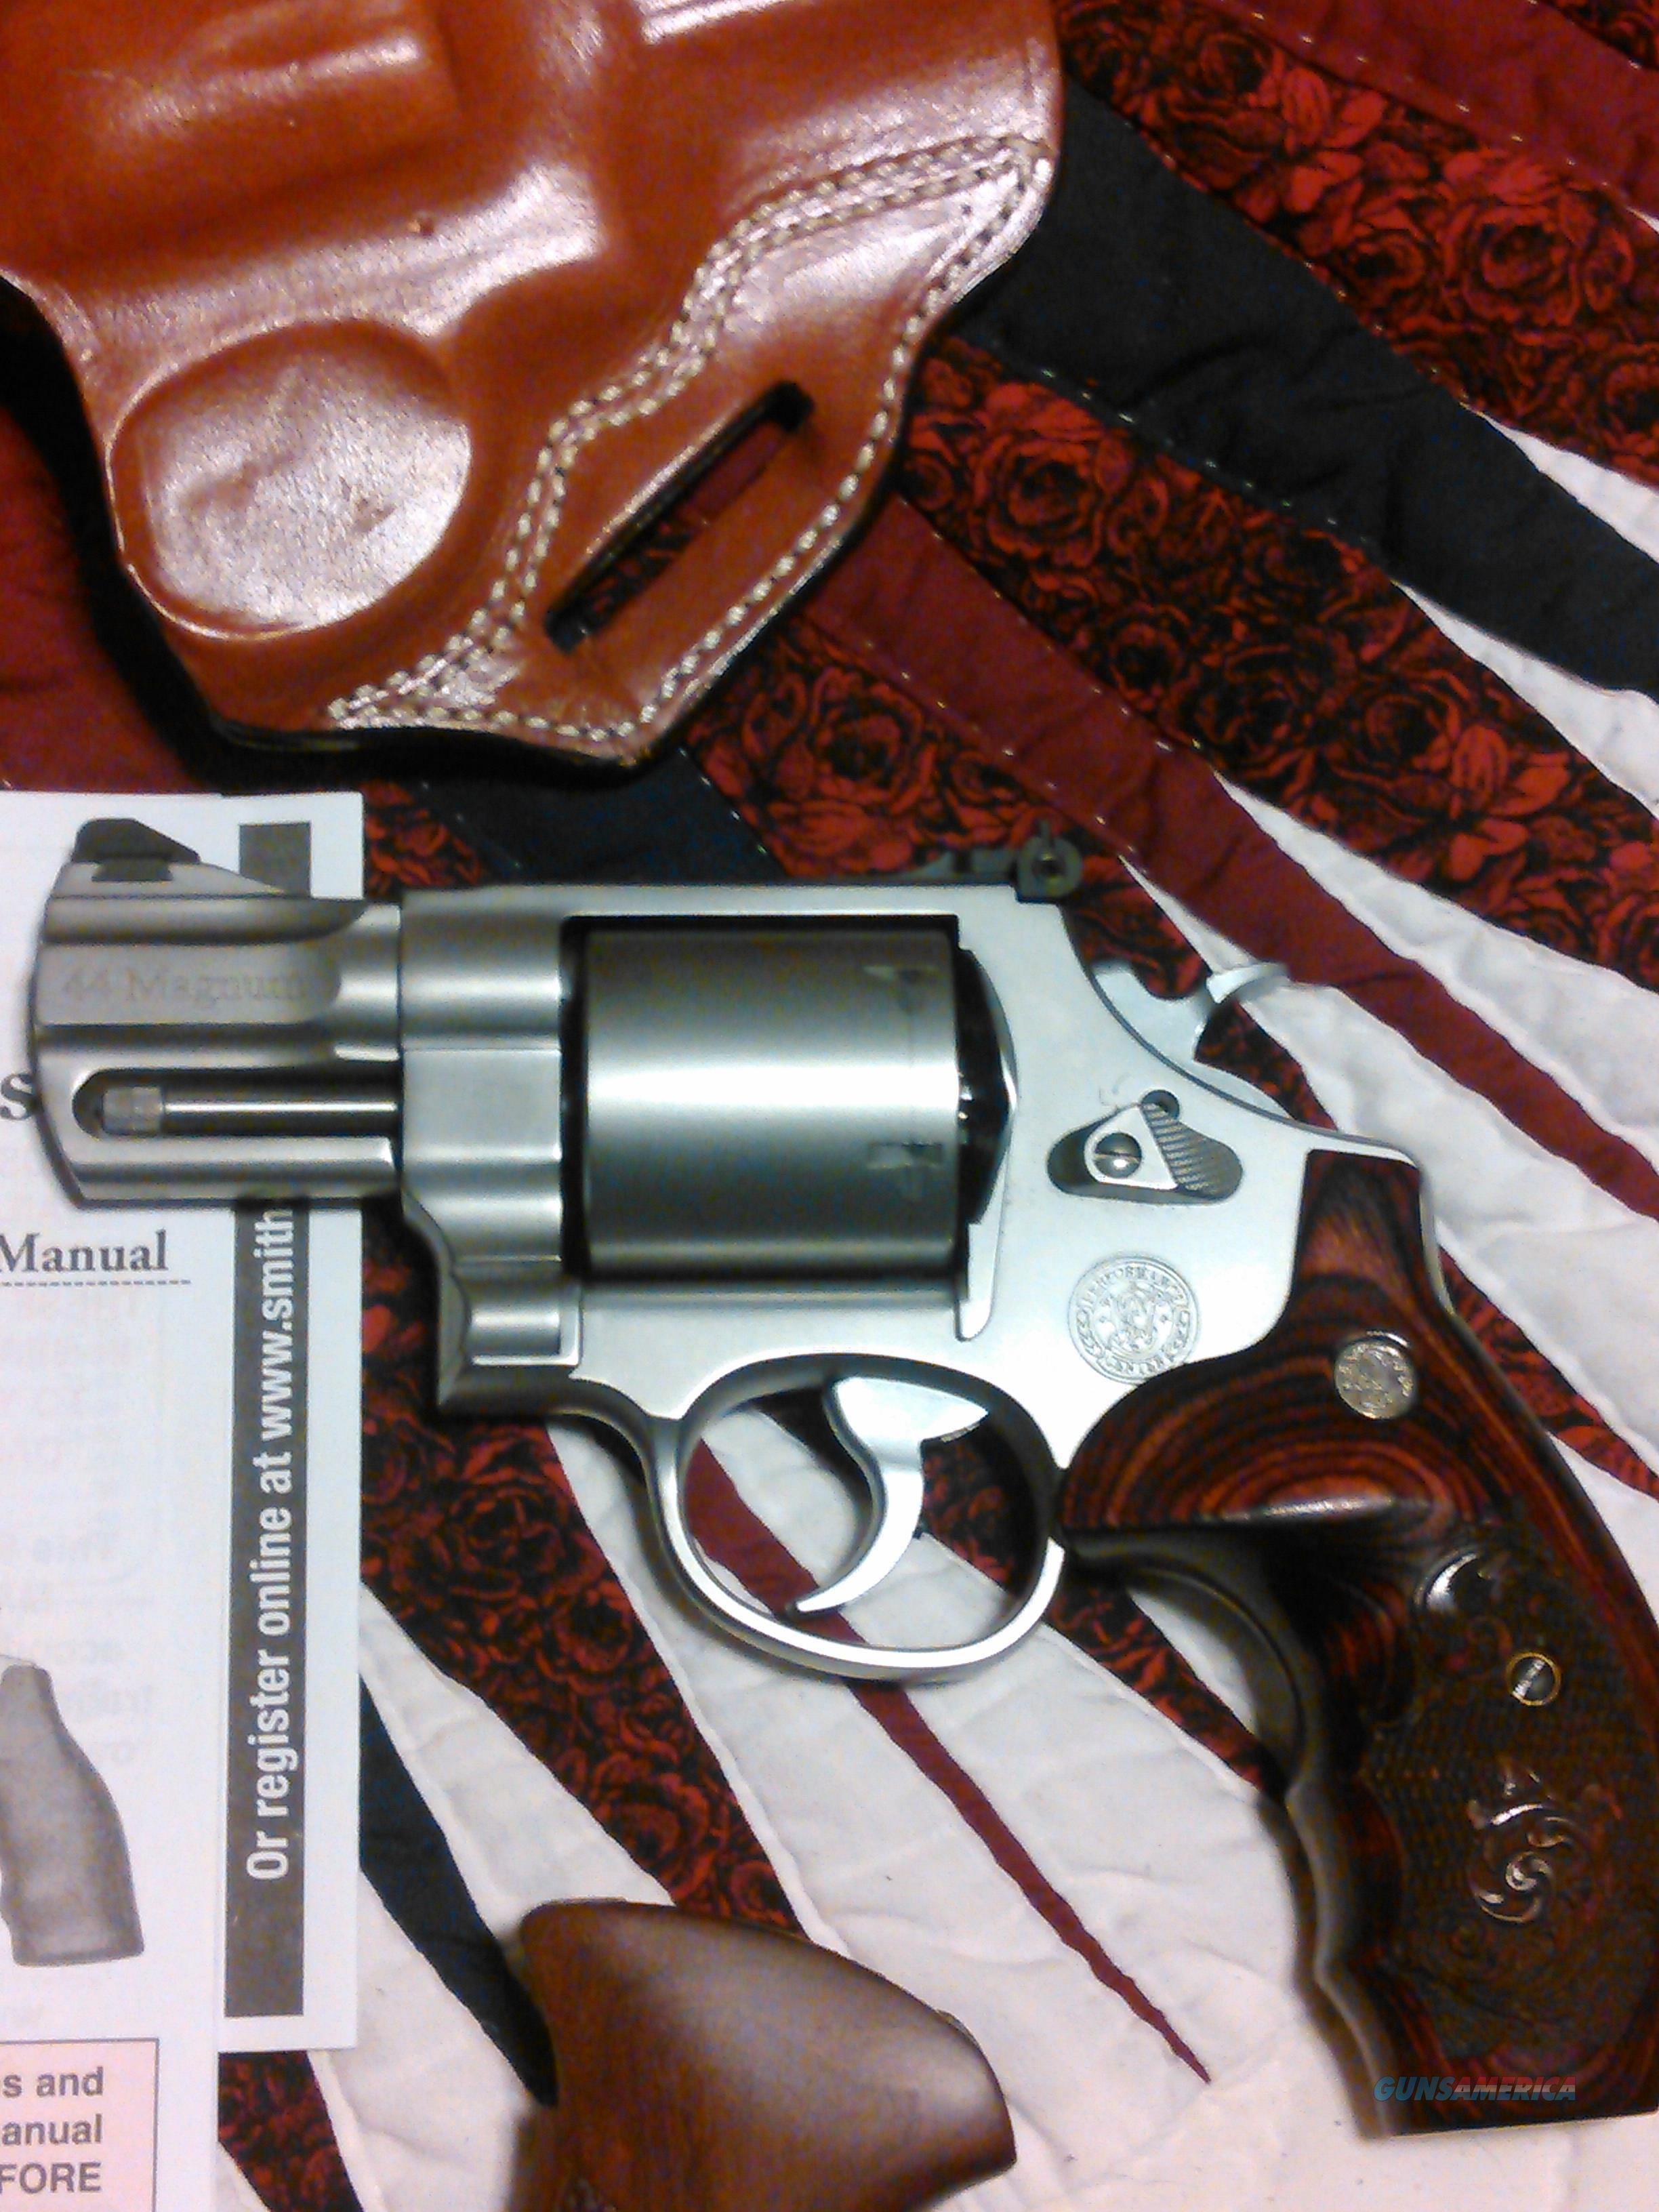 S&W Model 629, .44 magnum, snub nose, Performan... for sale44 Magnum Snub Nose Revolver